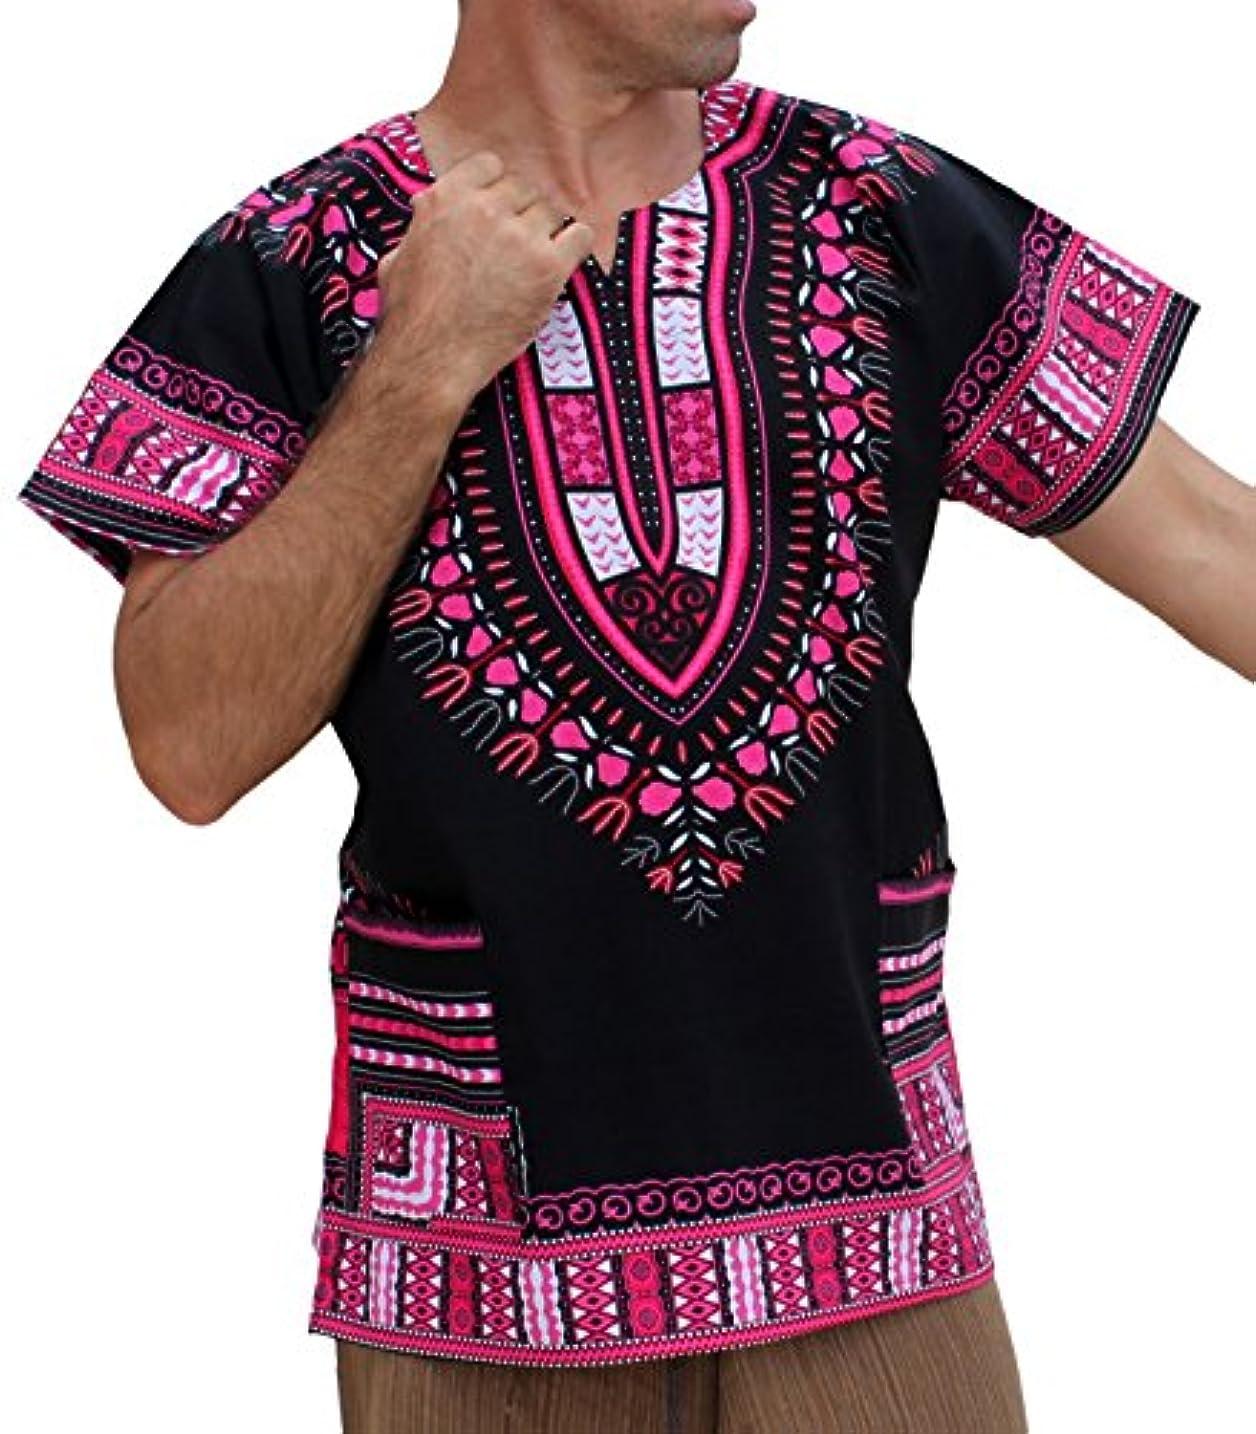 測定可能入力歴史的(ラーン パー ムアン) Raan Pah Muang アフリカ ダシキシャツ 半袖 バティック 心黒 Unisex Bright African Black Dashiki Cotton Shirt